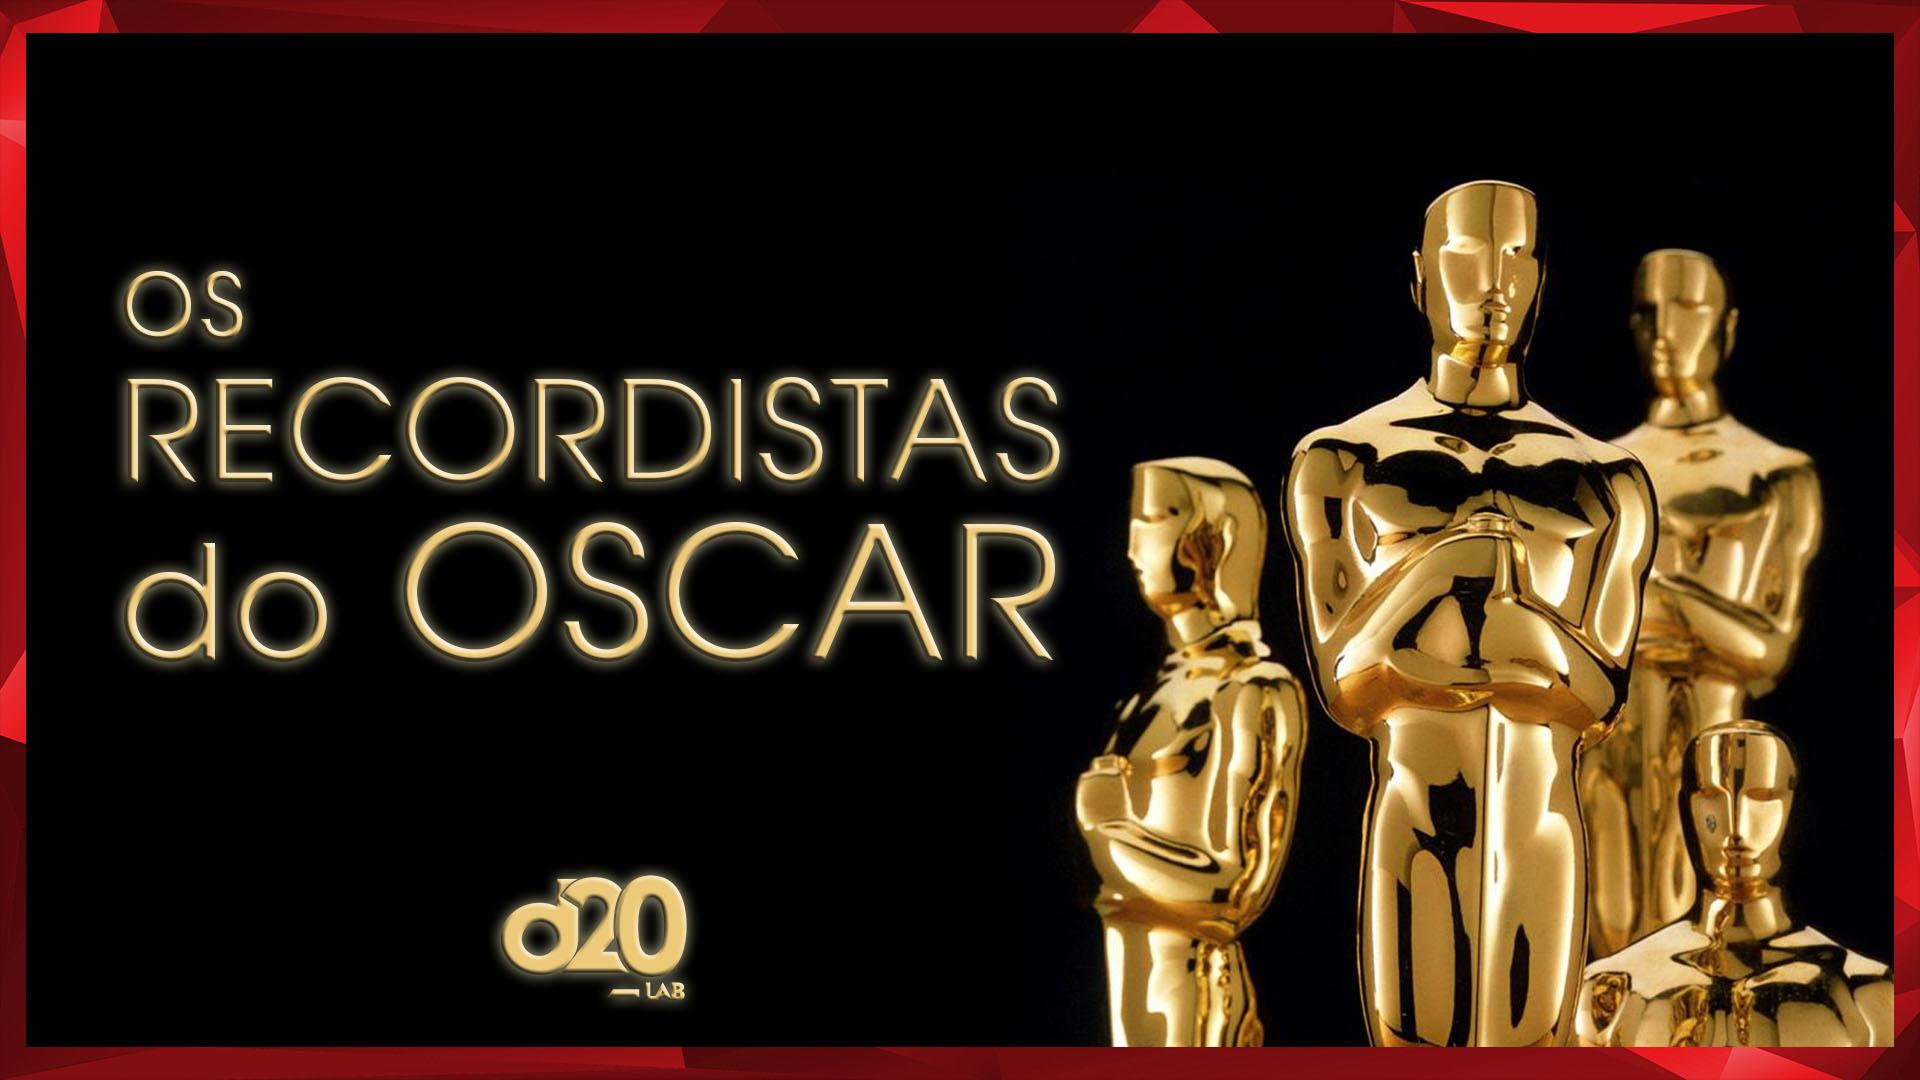 Os Maiores Recordistas da História do Oscar | D20 Lab 40